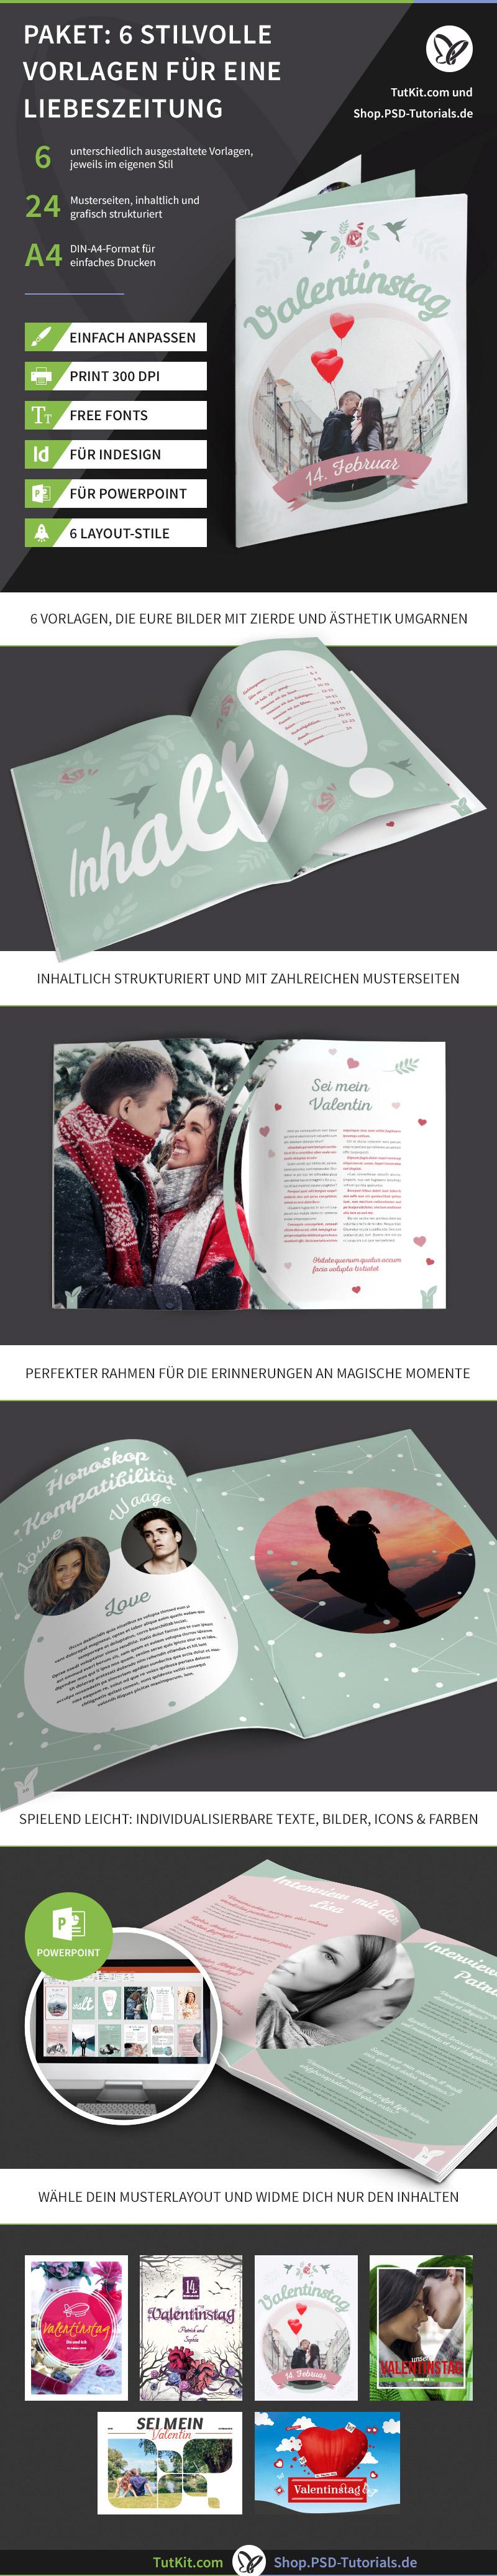 Überblick über das Set mit Vorlagen für Hochzeitszeitungen - Version 4